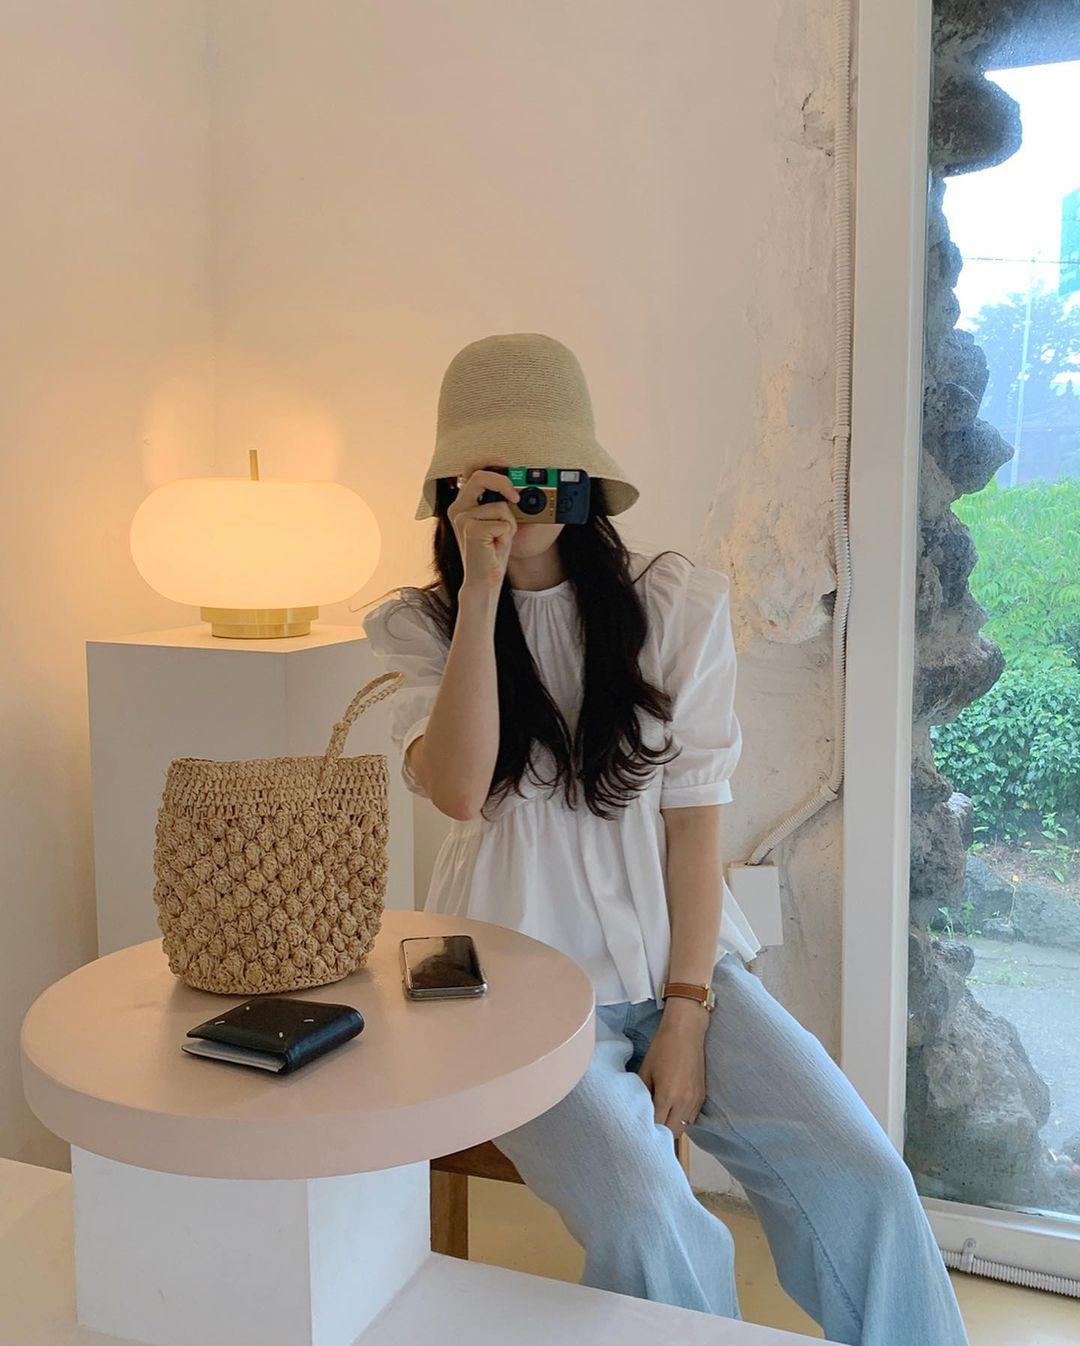 Có 1 mẫu áo mà dàn gái Hàn đang nâng như nâng trứng, diện lên đảm bảo có ảnh đẹp post Instagram sống ảo! - Ảnh 1.